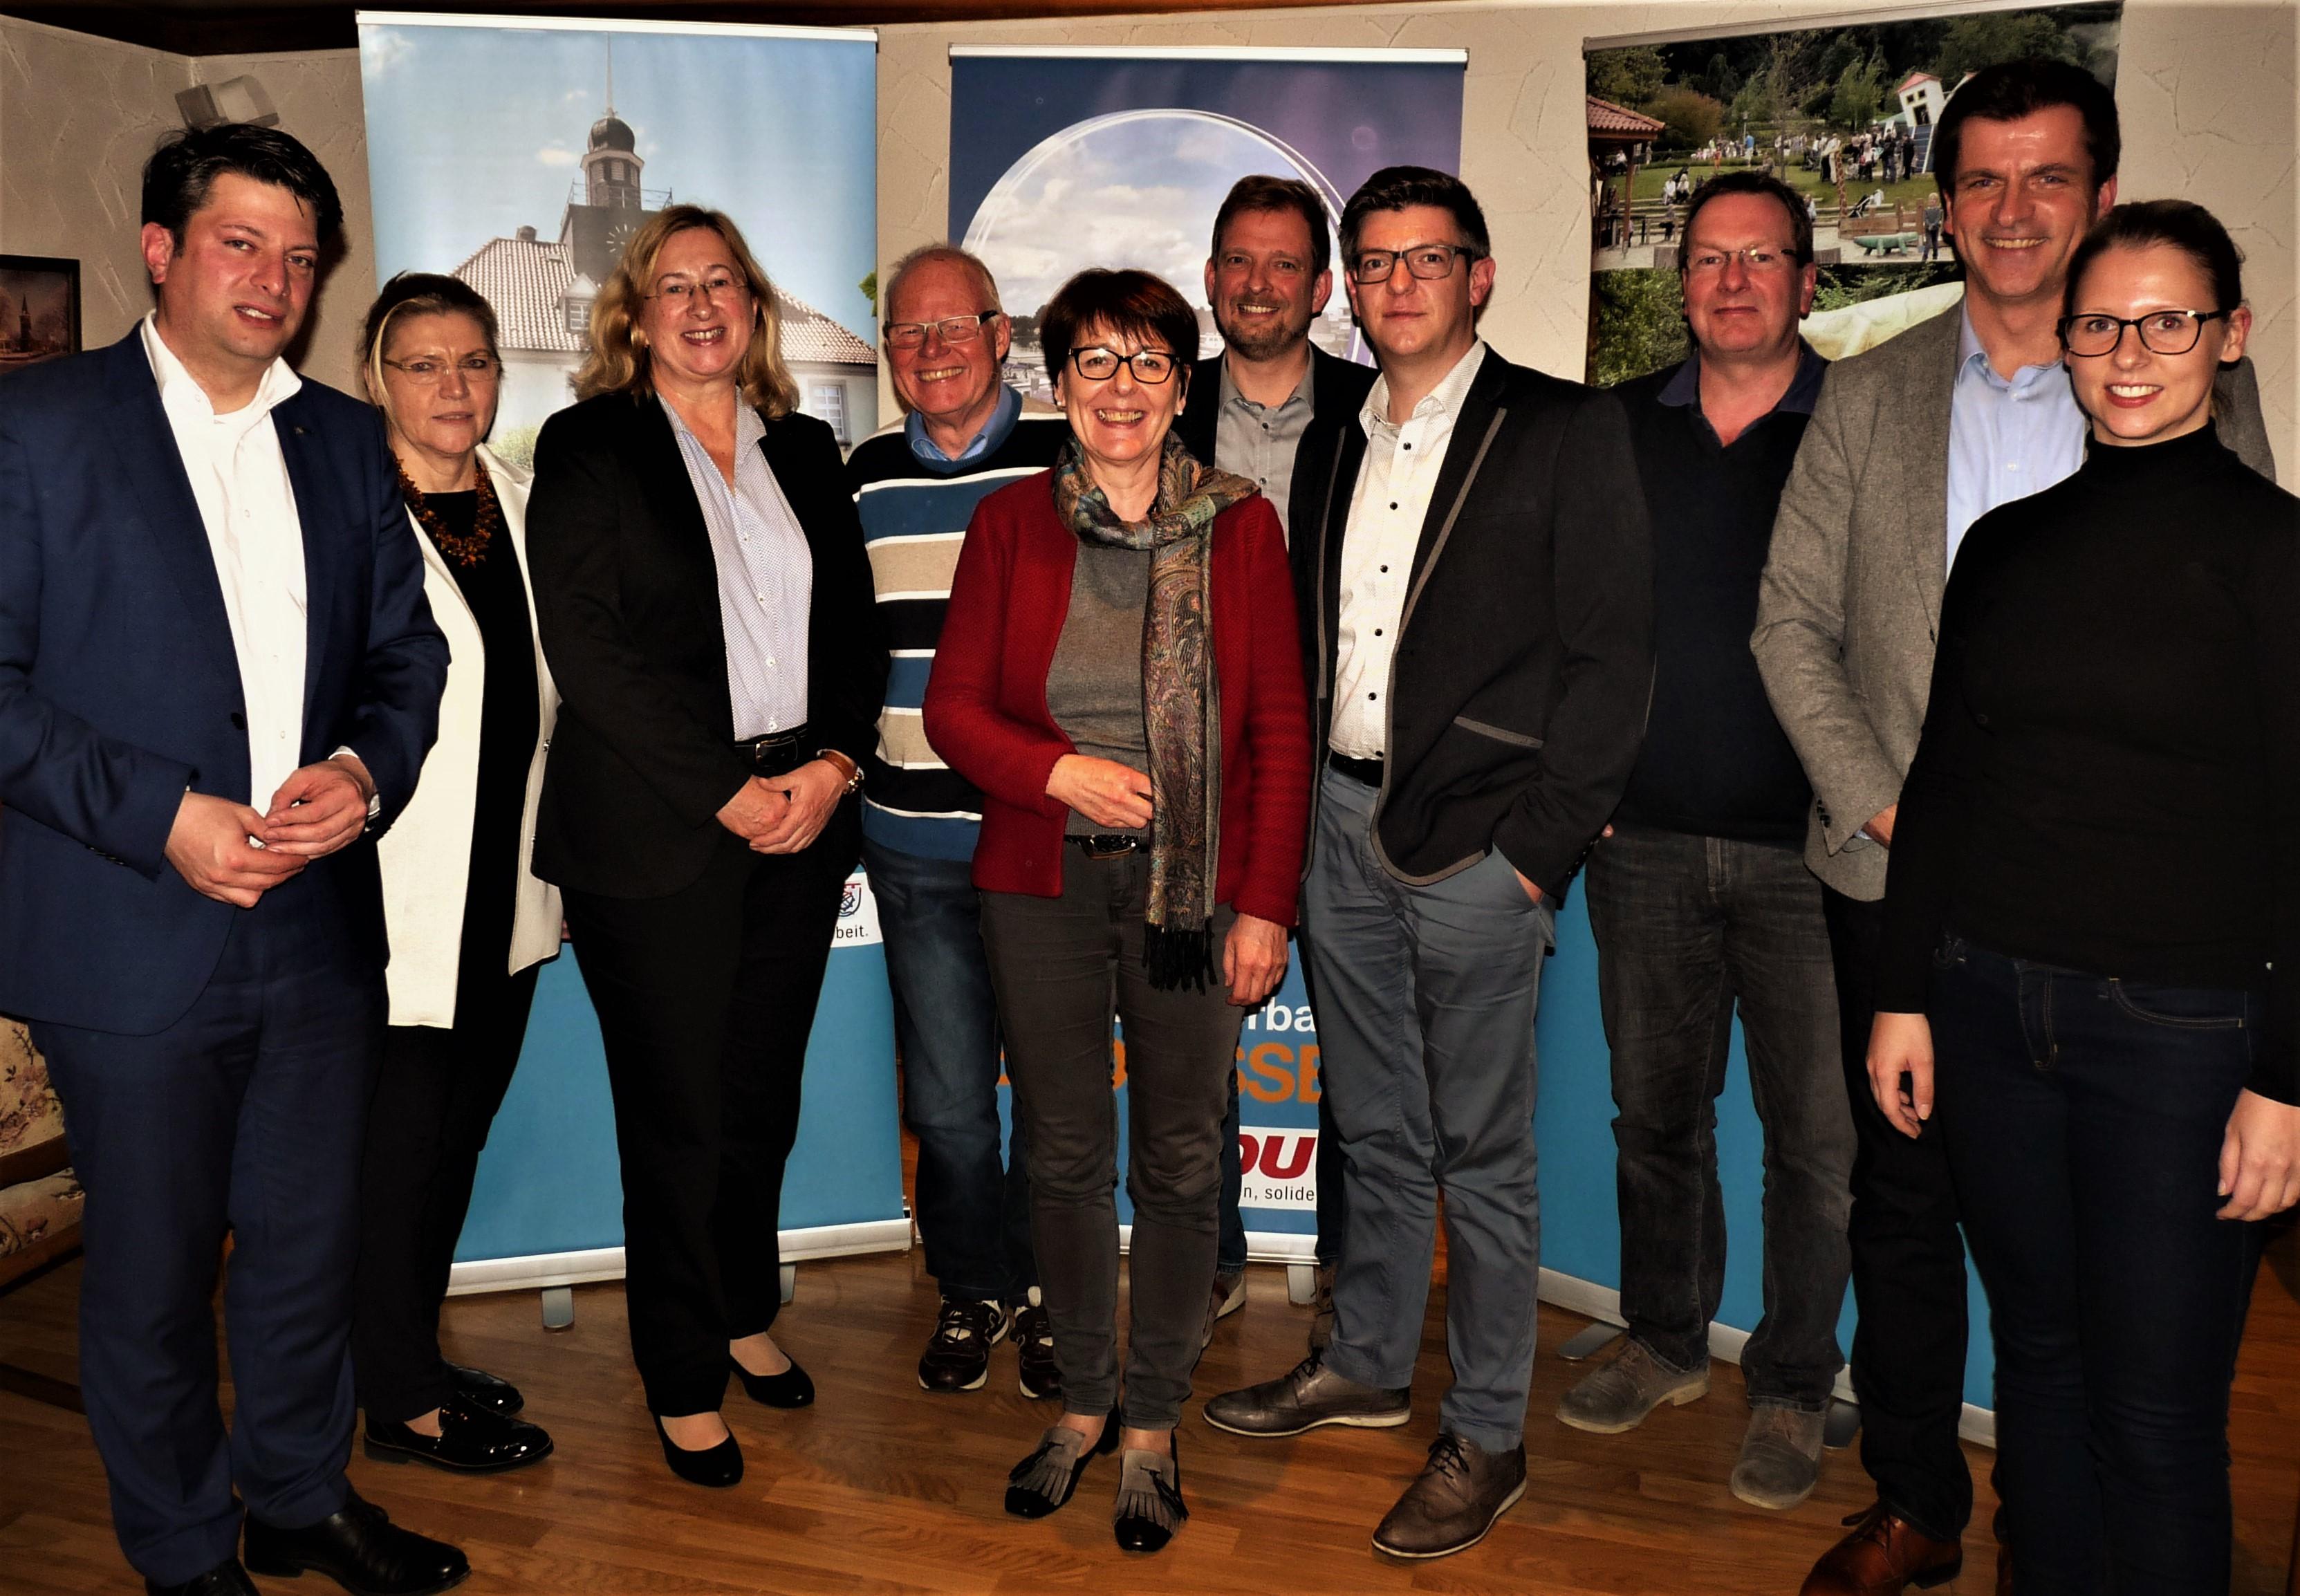 Referenten und Vorstand der CDU - Bad Essen im Rahmen der Mitgliederversammlung 2017.